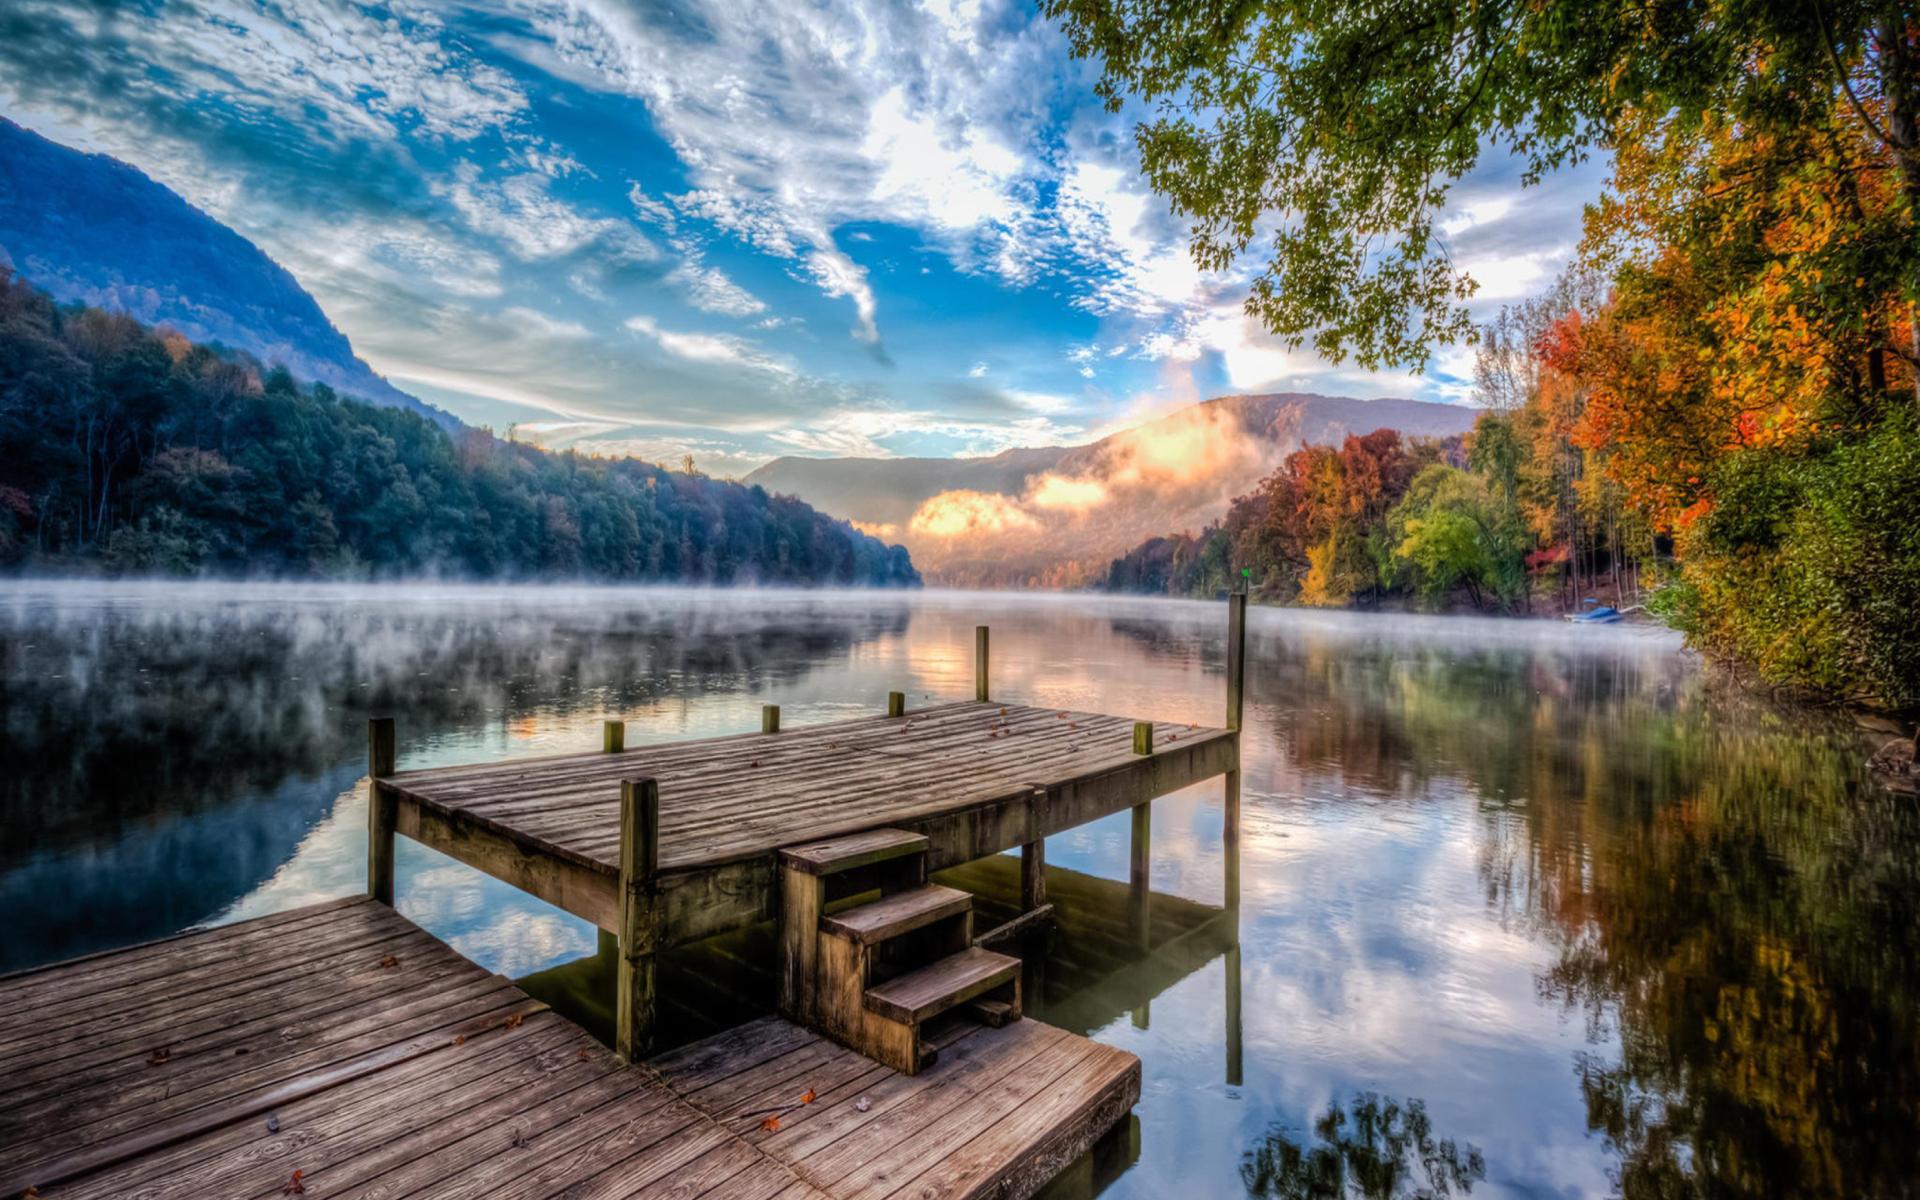 Stunning Nature Hd Wallpaper: Beautiful Stunning Landscape Wallpaper For Widescreen